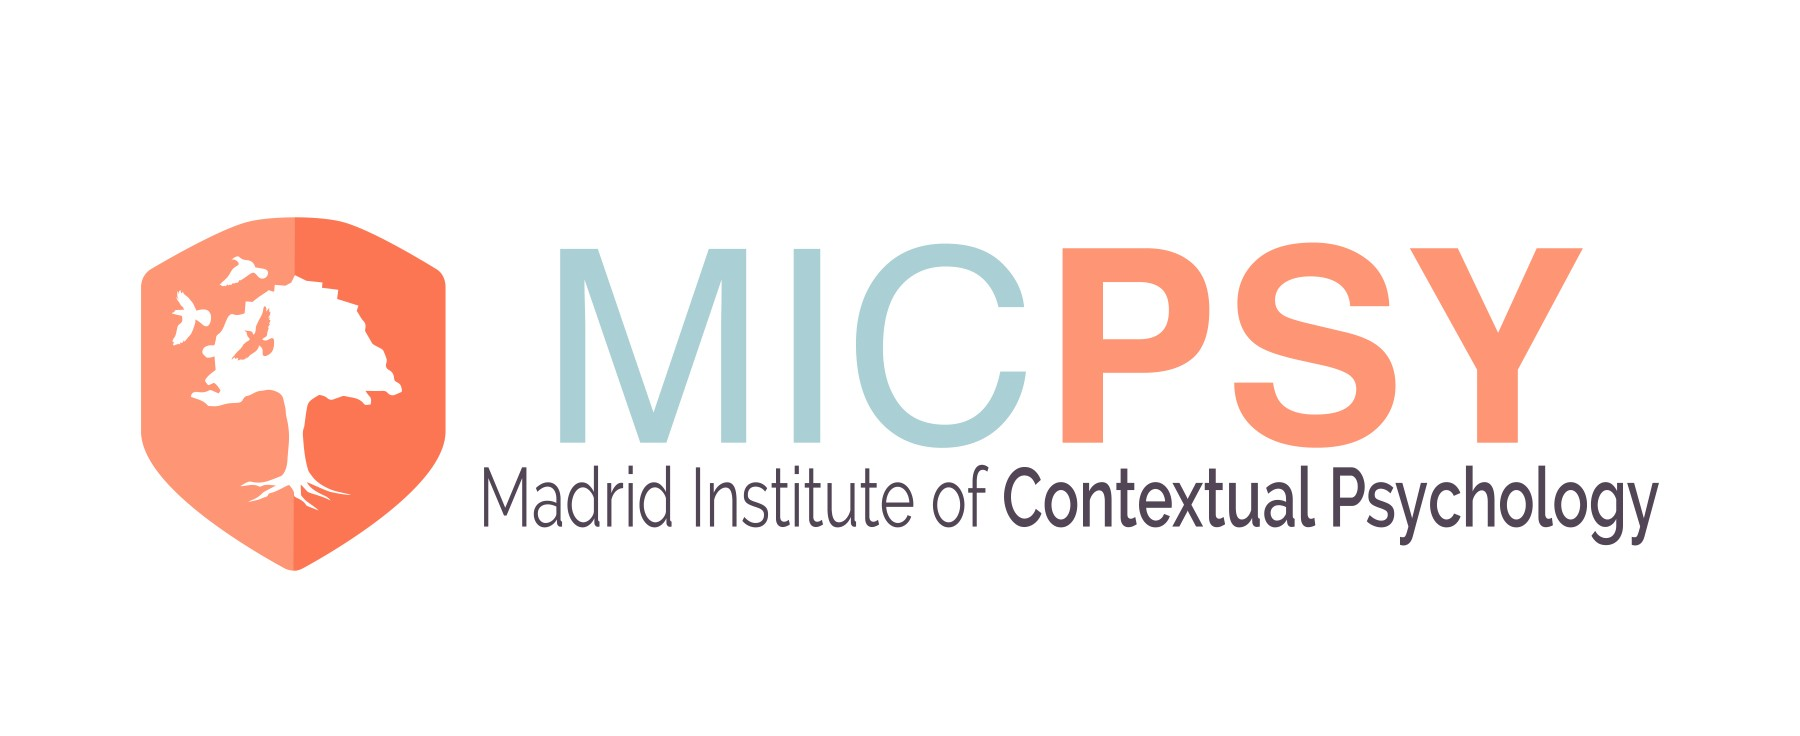 Logotipo Instituto de Psicología Contextual Madrid - MICPSY